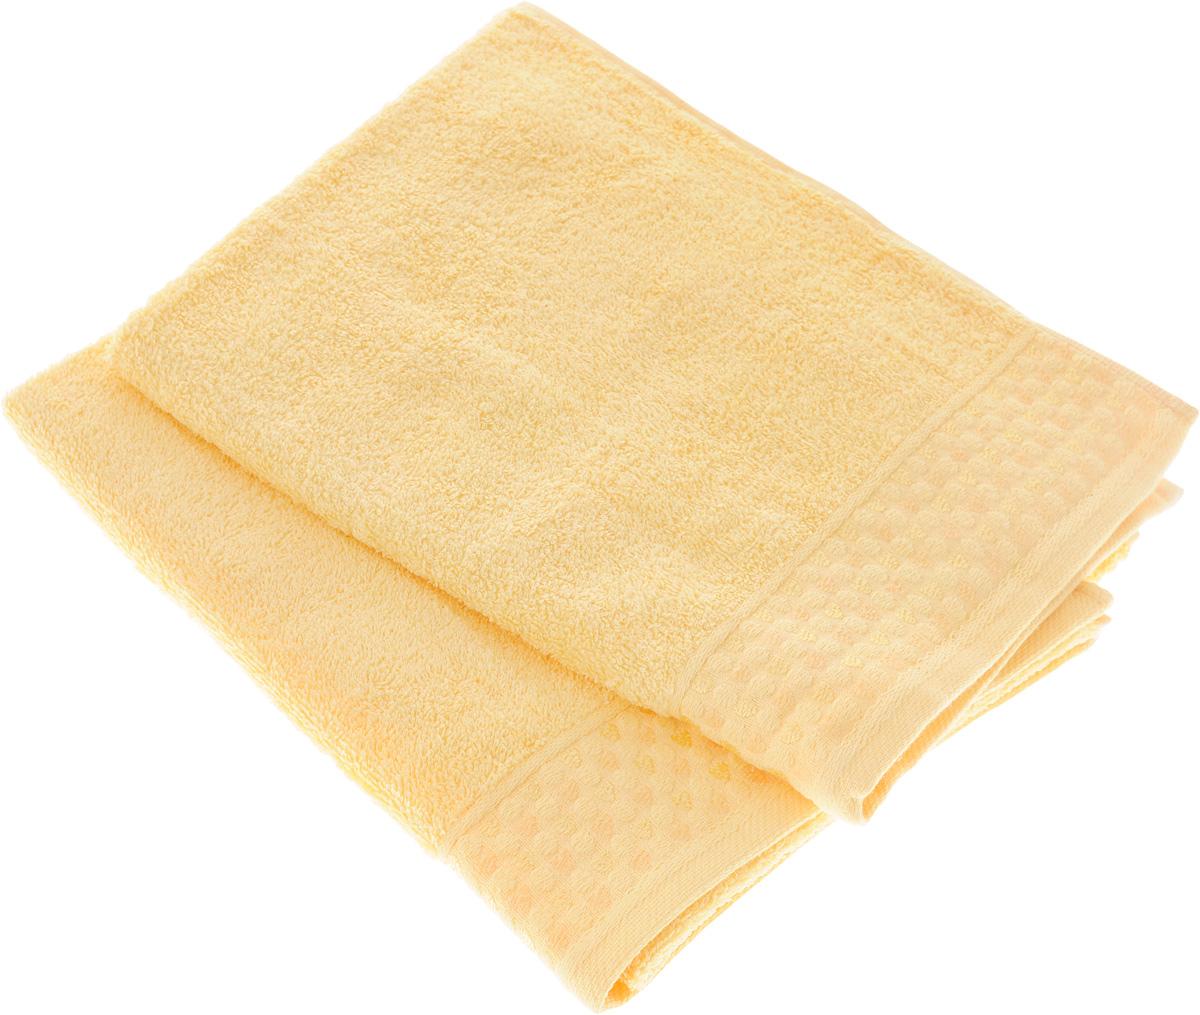 Набор полотенец Tete-a-Tete Сердечки, цвет: желтый, 50 х 90 см, 2 штУП-007-01-2Набор Tete-a-Tete Сердечки состоит из двух махровых полотенец, выполненных из натурального 100% хлопка. Бордюр полотенец декорирован сердечками и горошком. Изделия мягкие, отлично впитывают влагу, быстро сохнут, сохраняют яркость цвета и не теряют форму даже после многократных стирок. Полотенца Tete-a-Tete Сердечки очень практичны и неприхотливы в уходе. Они легко впишутся в любой интерьер благодаря своей нежной цветовой гамме.